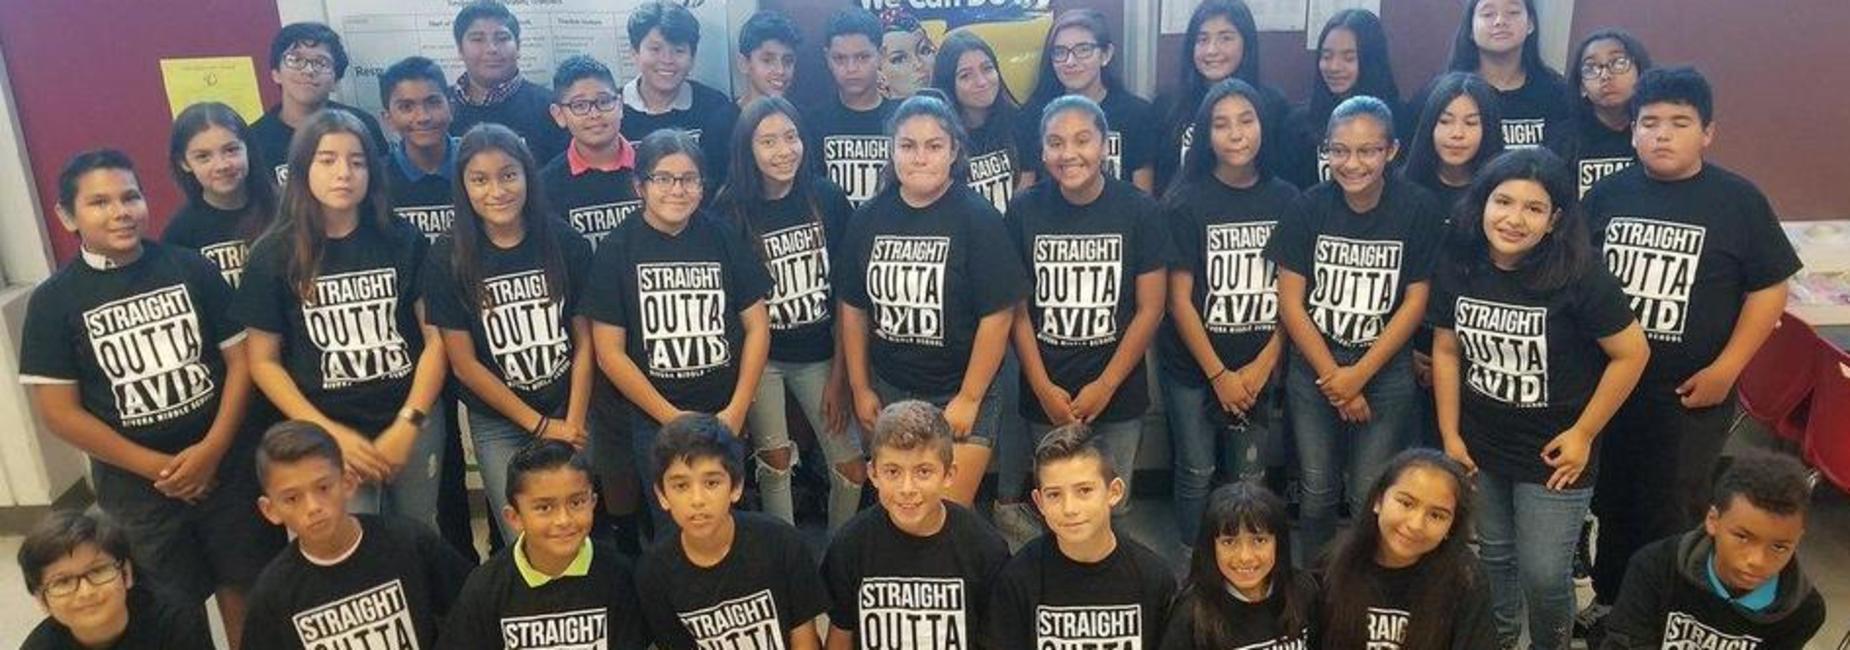 7th grade AVID